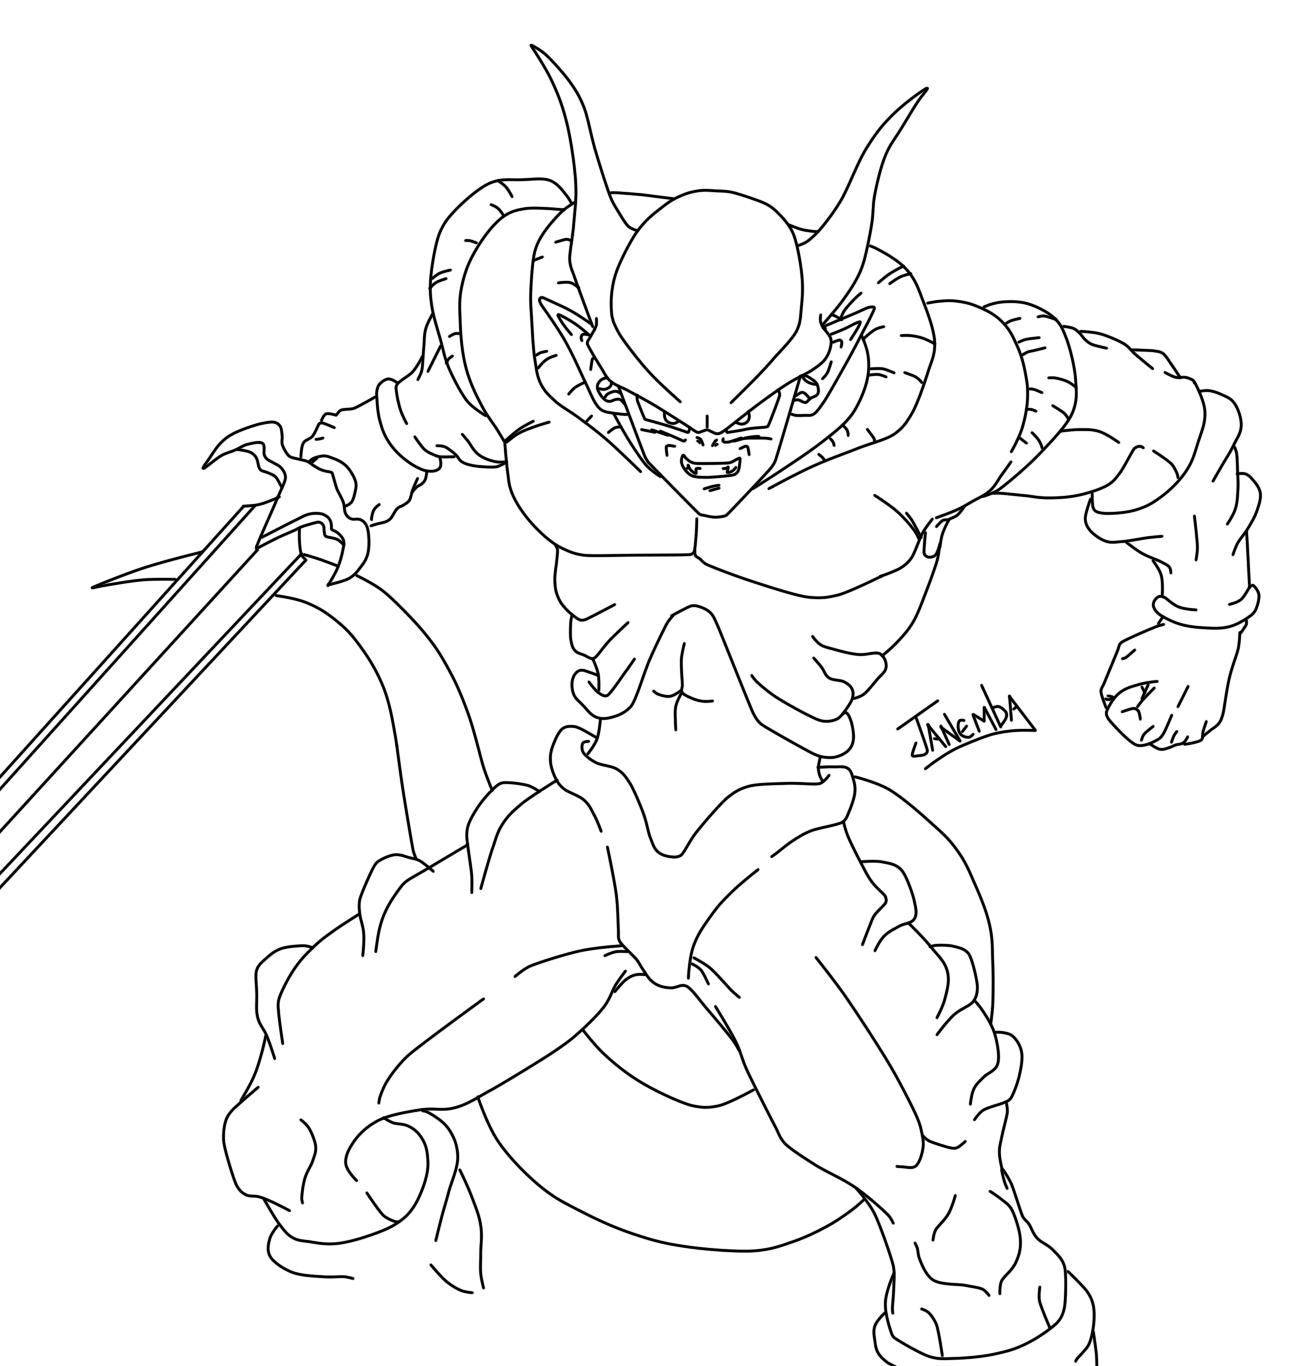 Super Saiyan 2 Gohan Kleurplaten Fan Art Coloriage Dragon Ball Z Sangohan Super Saiyan 2 Z ...